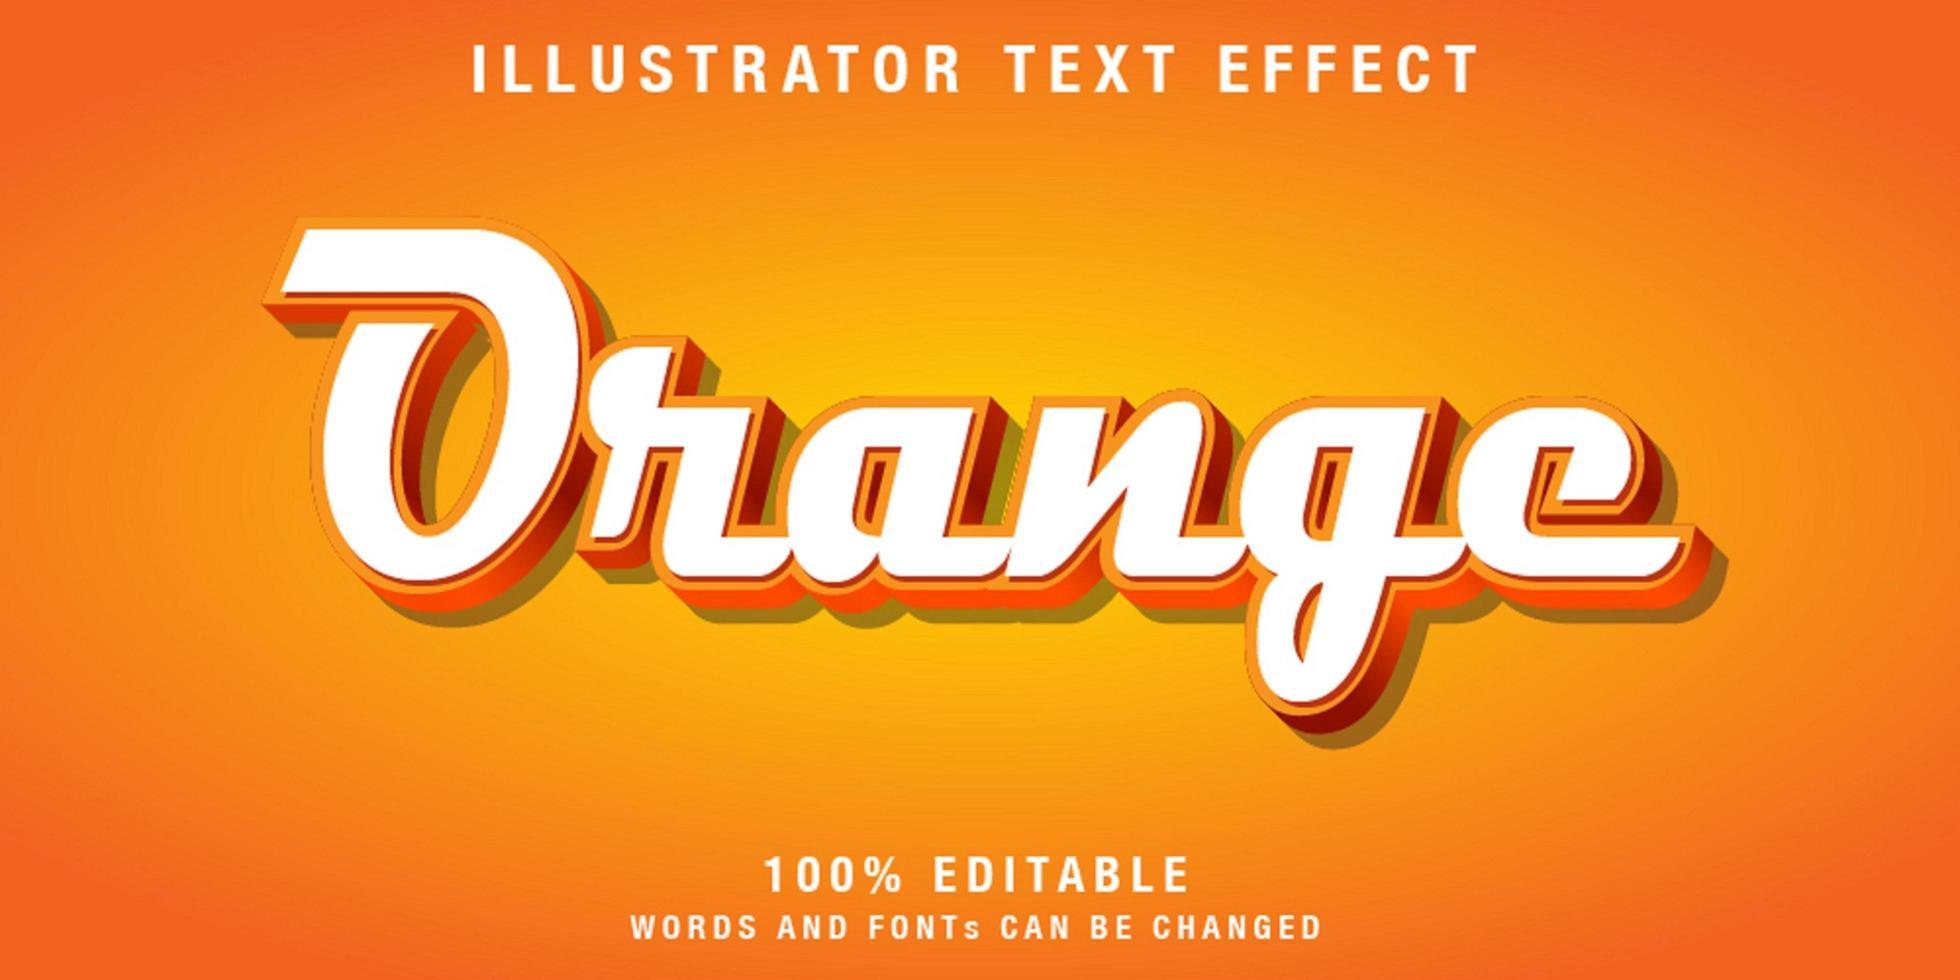 efeito de texto cursivo editável em branco e laranja vetor